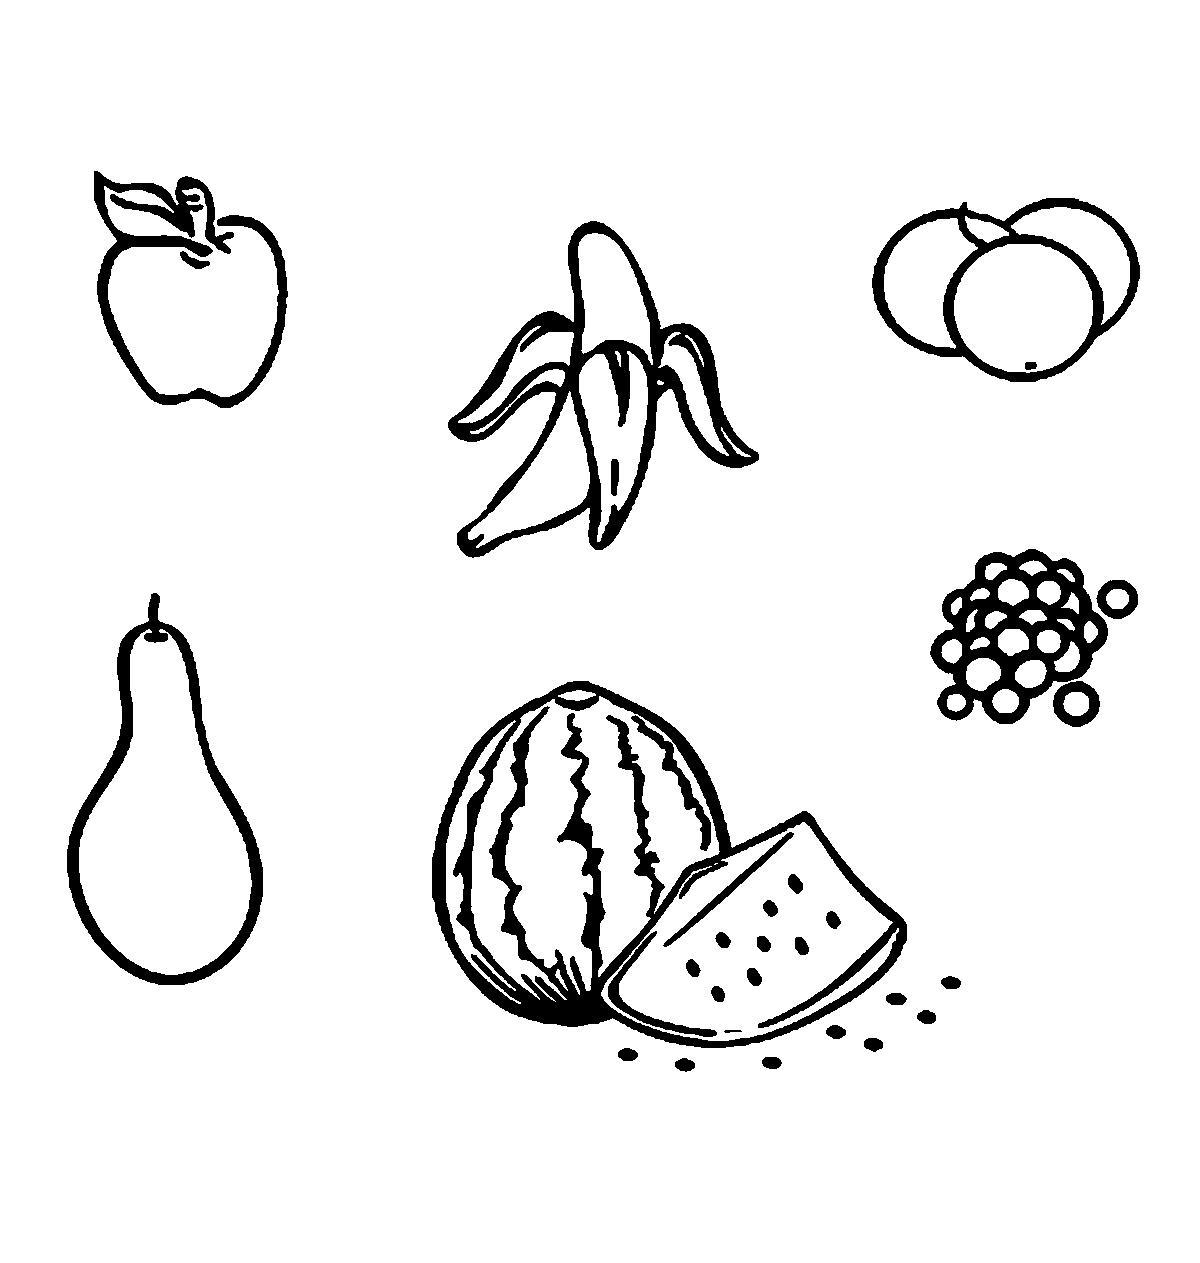 Раскраски фрукты и овощи фрукты контур, шаблон для вырезания из бумаги